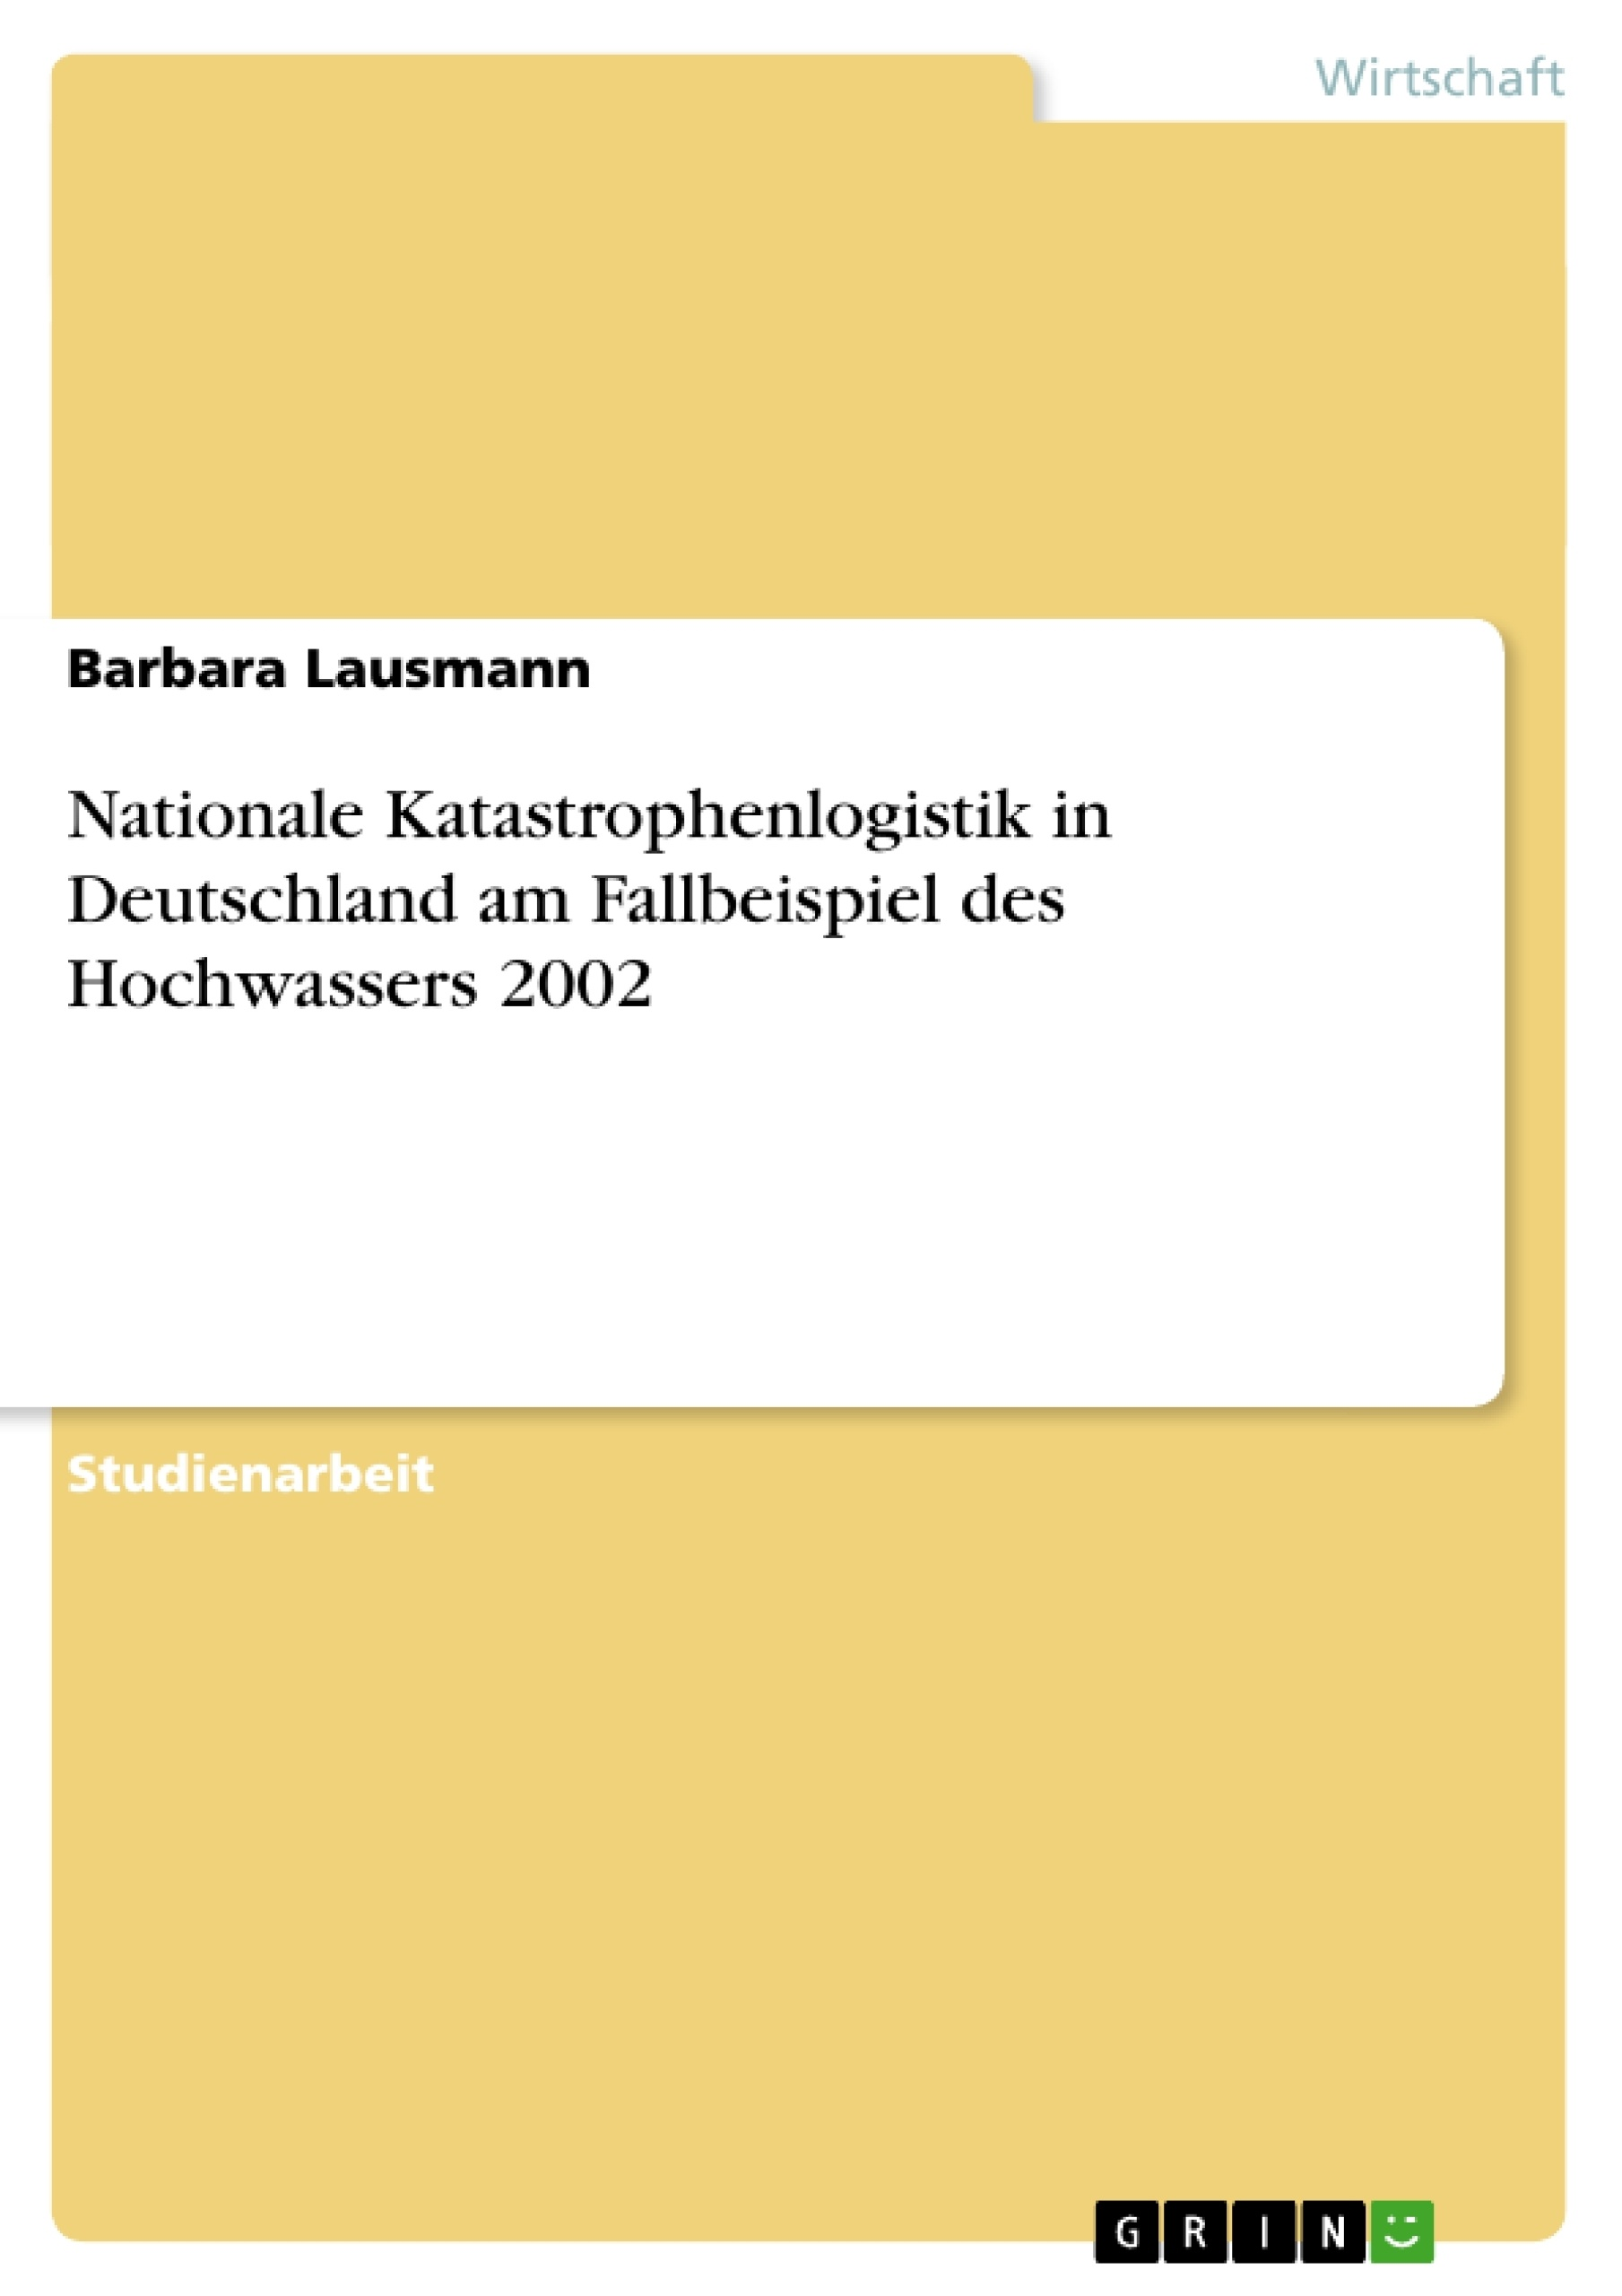 Titel: Nationale Katastrophenlogistik in Deutschland am Fallbeispiel des Hochwassers 2002